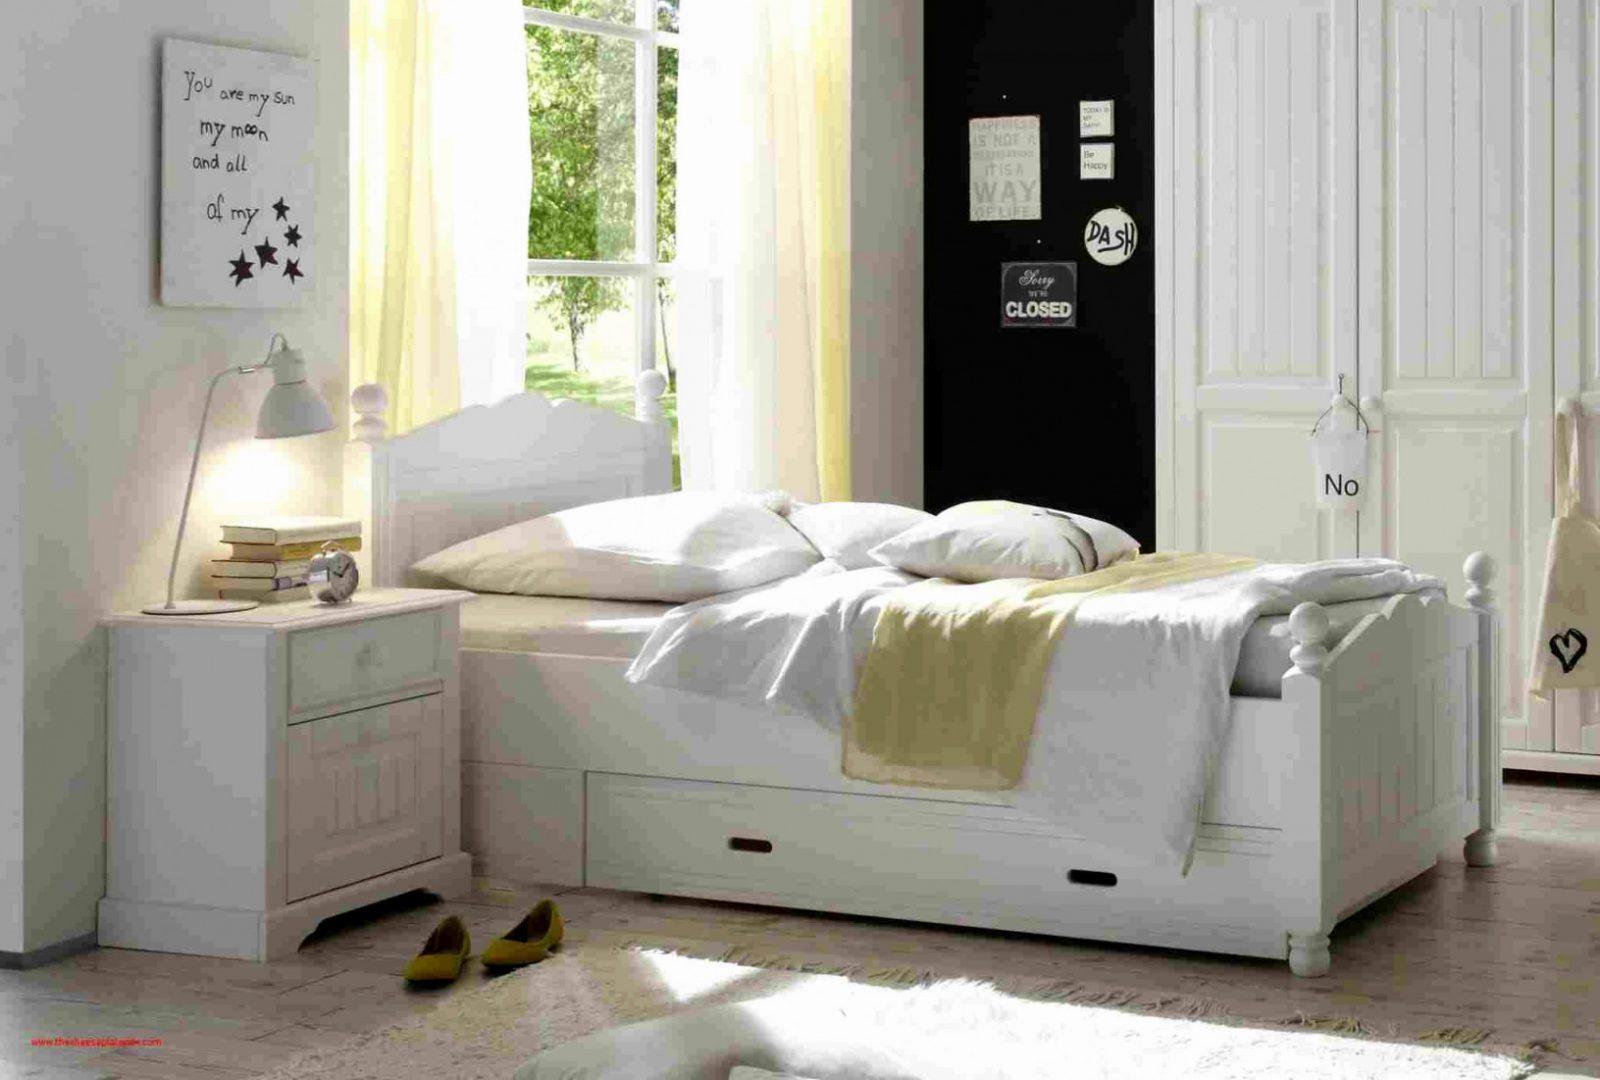 Esstisch Landhaus Weiß Genial Schlafzimmer Landhausstil Weiß von Schlafzimmer Weiß Ideen Photo